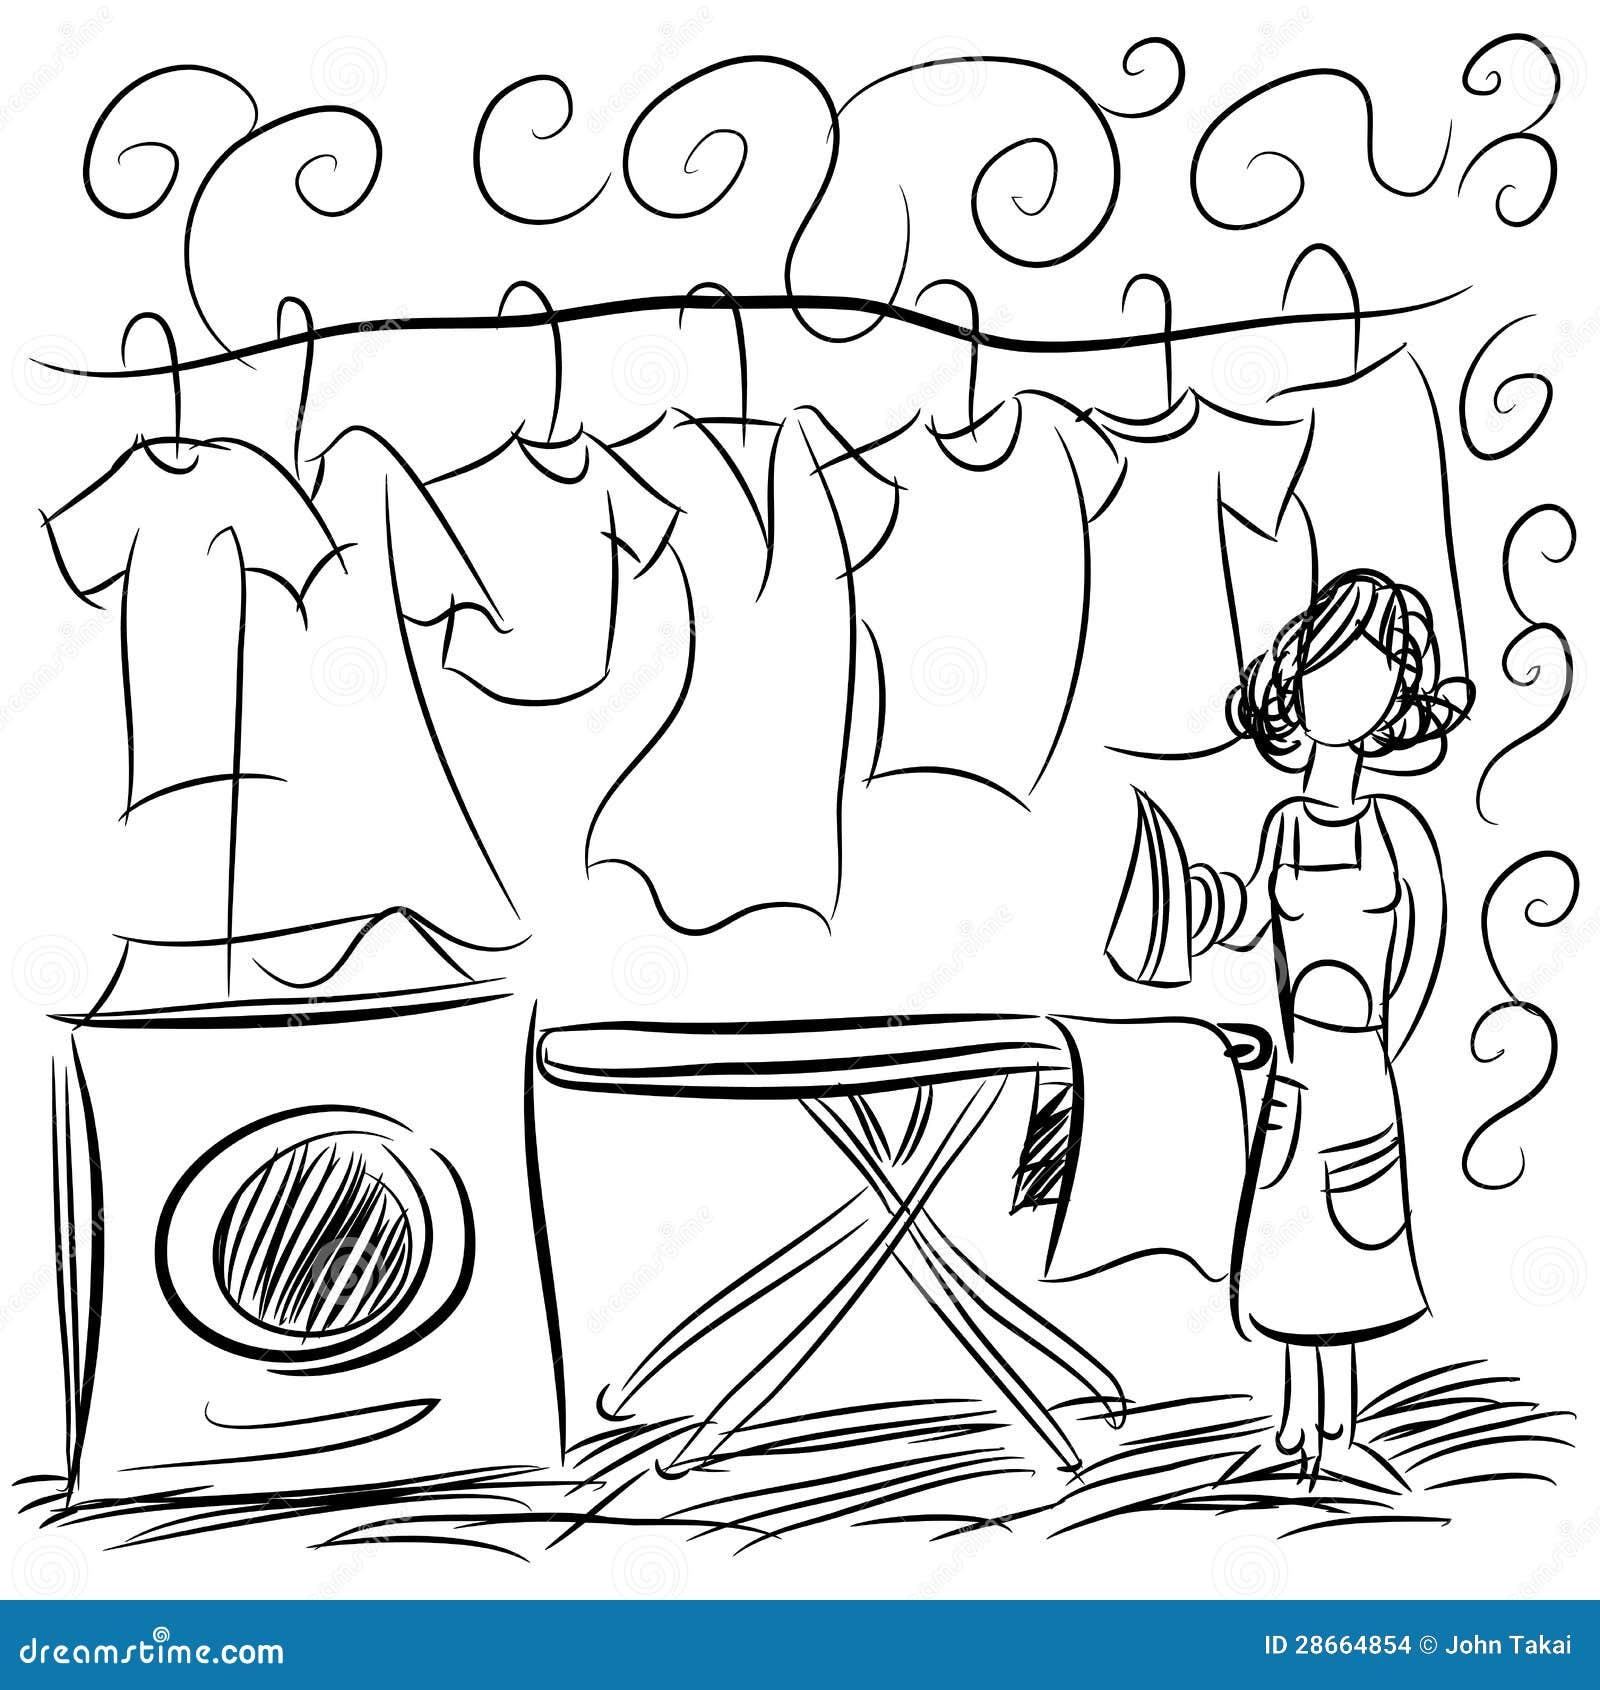 Dibujo del servicio de lavadero ilustraci n del vector for Imagen de lavaderos para casas